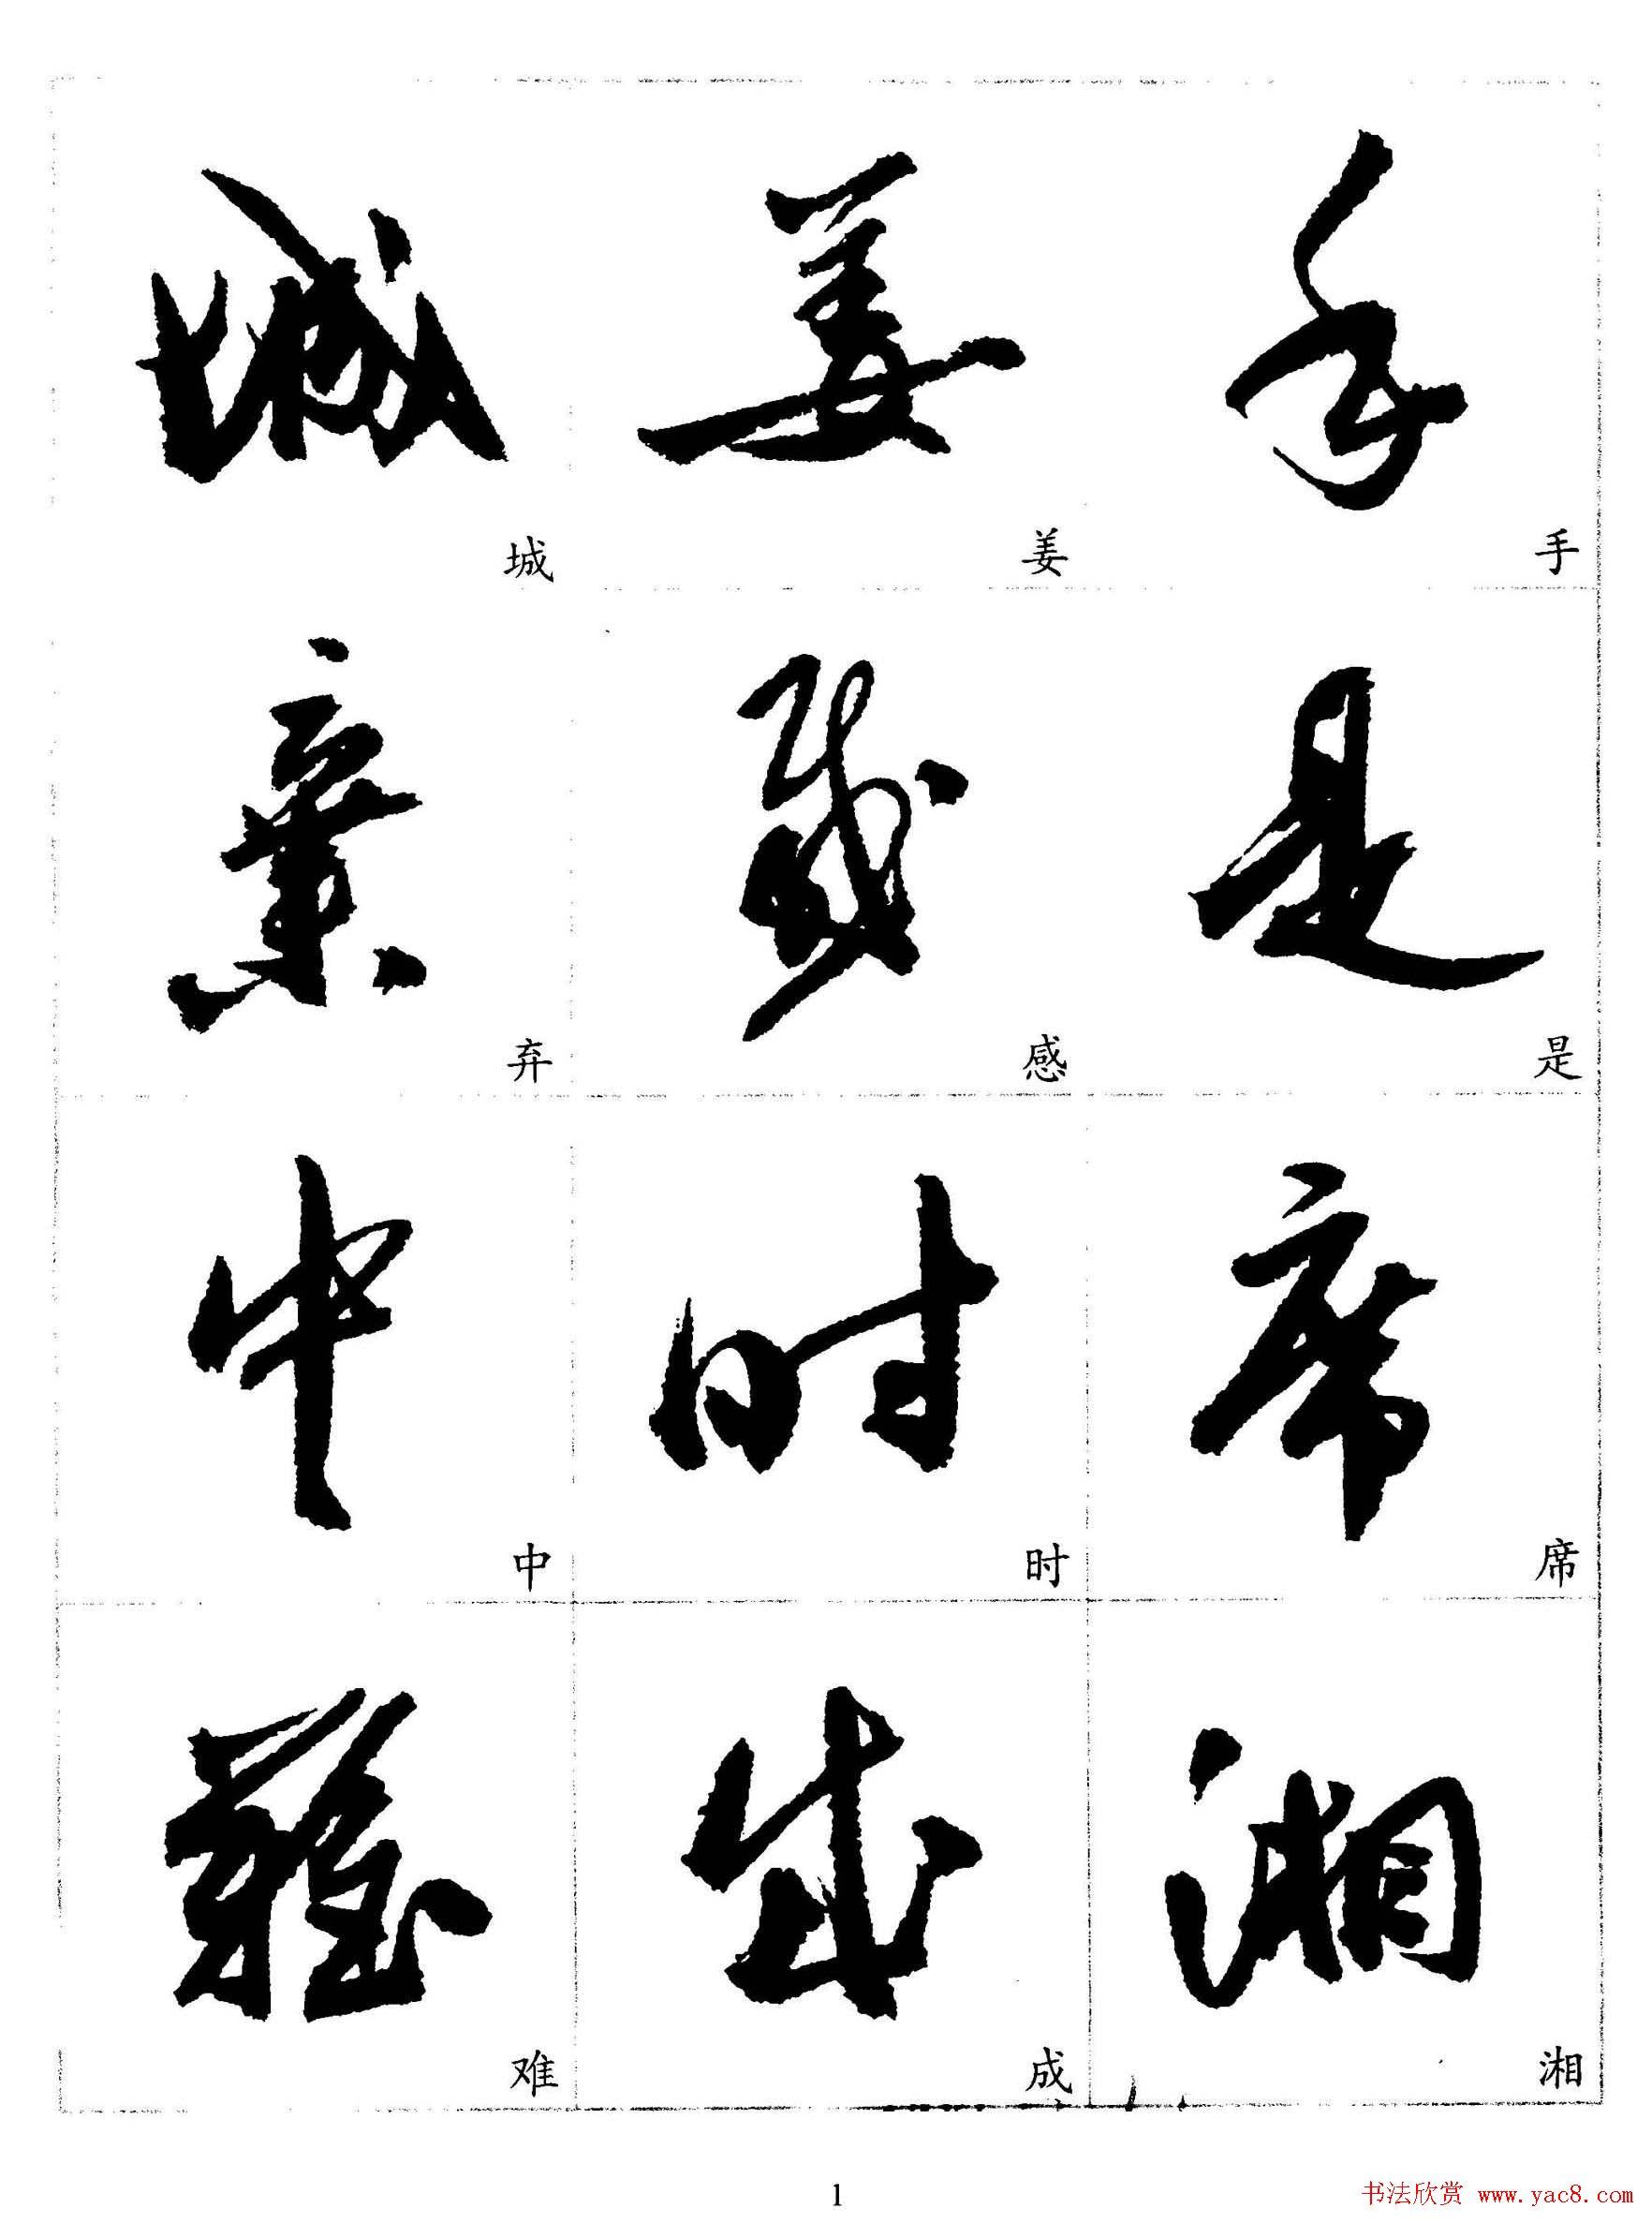 20世纪杰出书法家《郭沫若行草书法字帖》